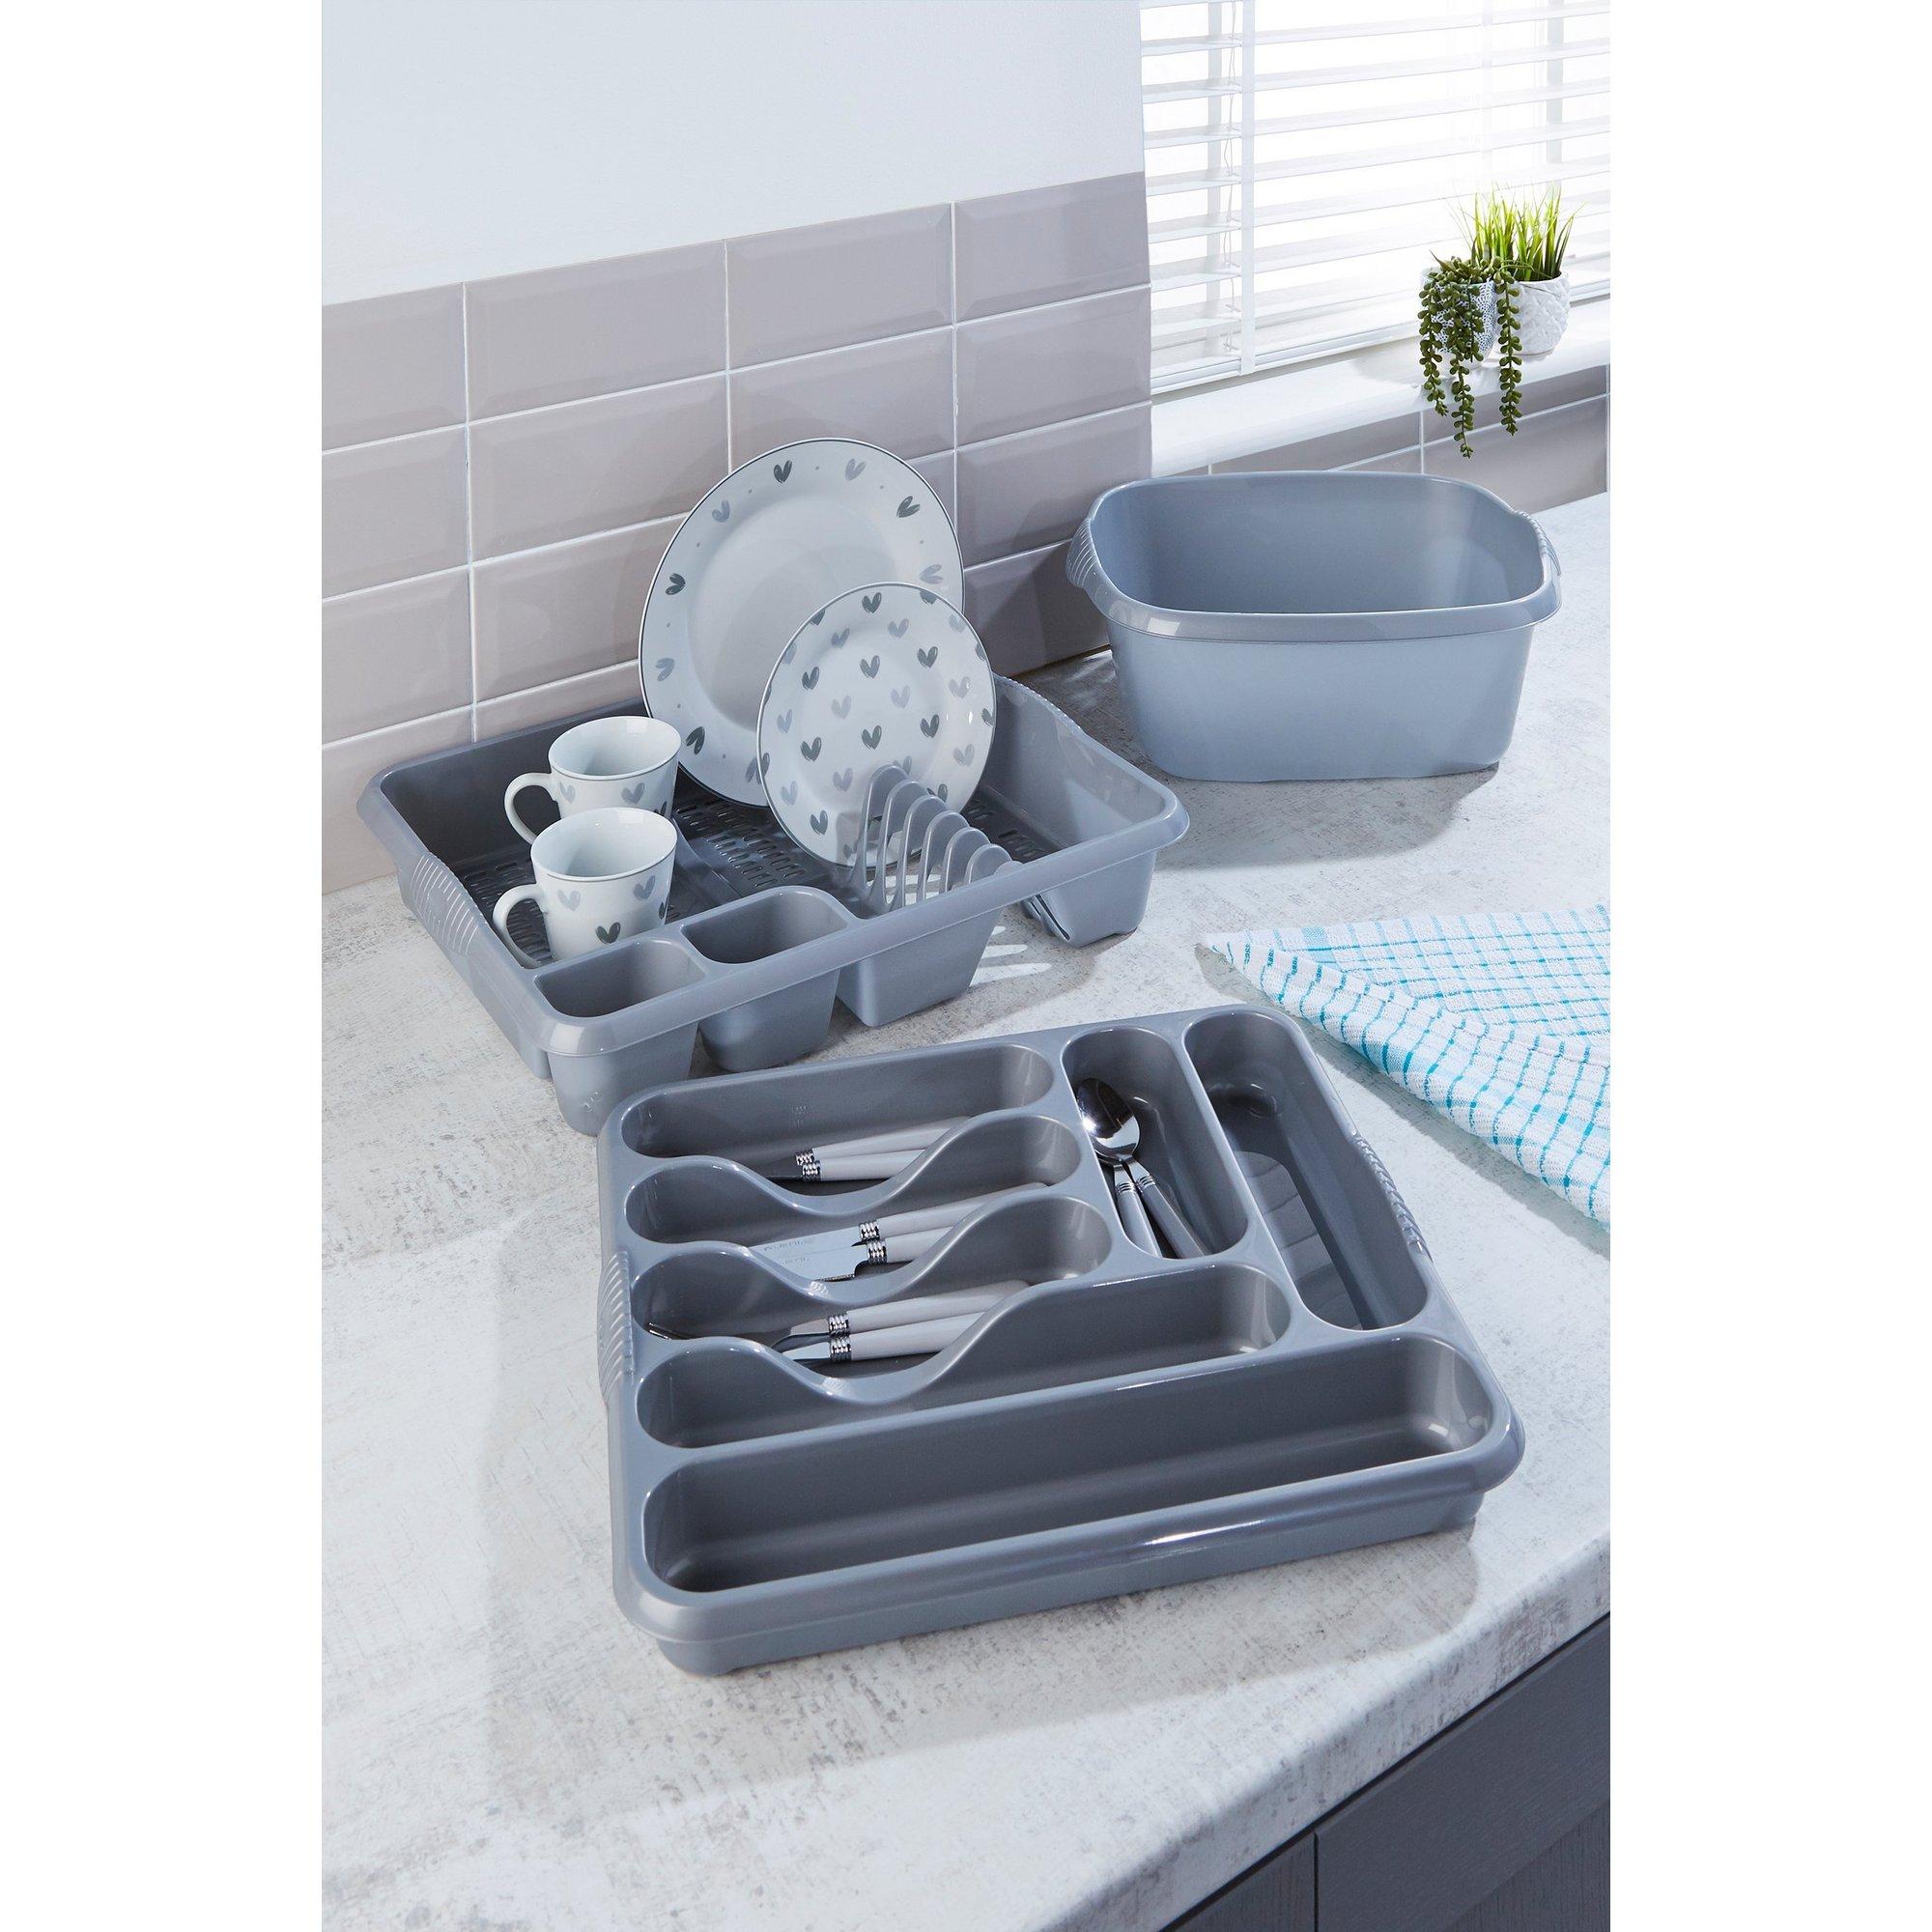 Image of Wham Casa 3-Piece Kitchen Set